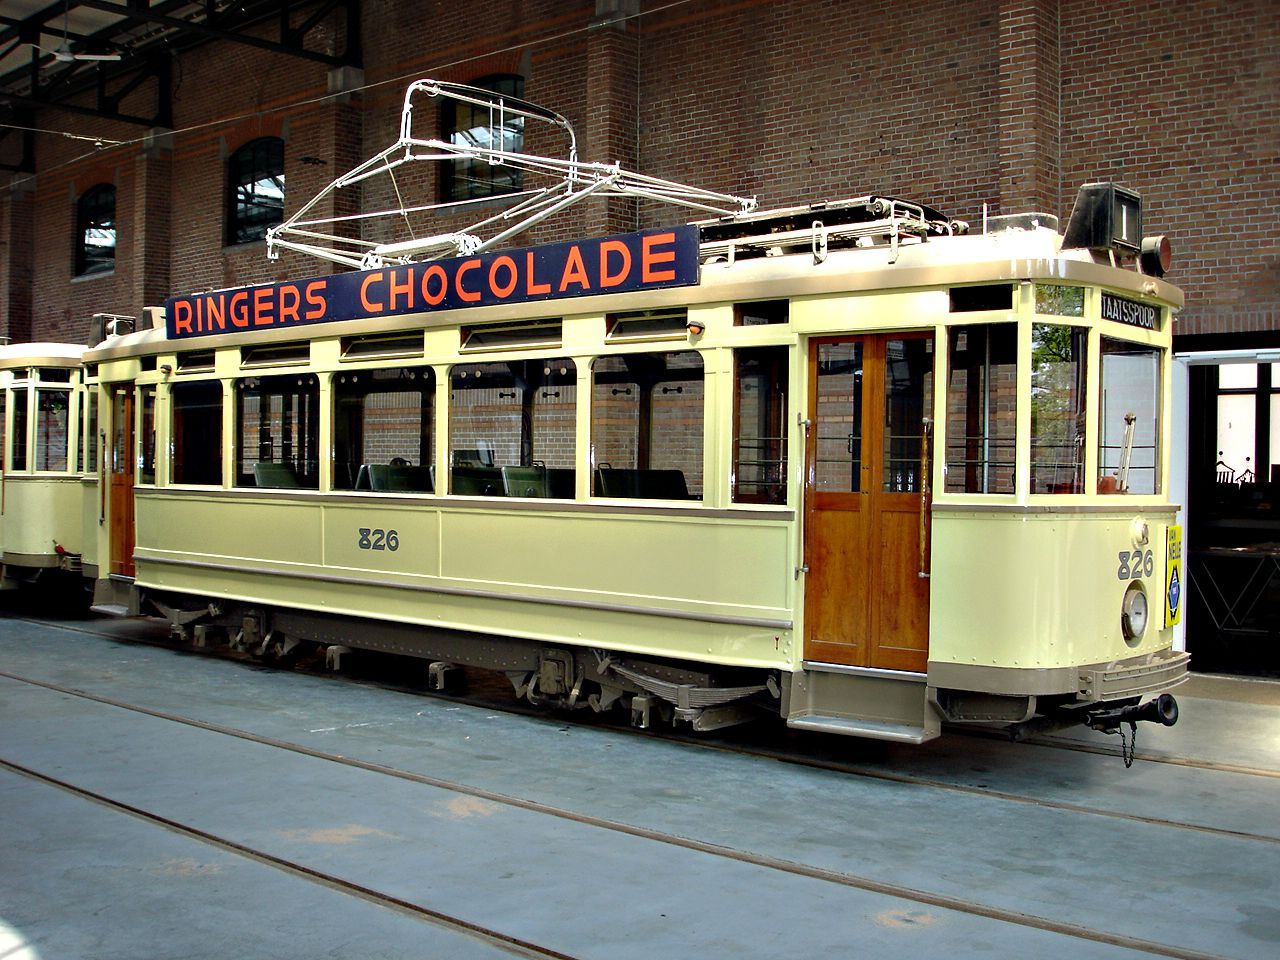 oude trams amsterdam - Google zoeken